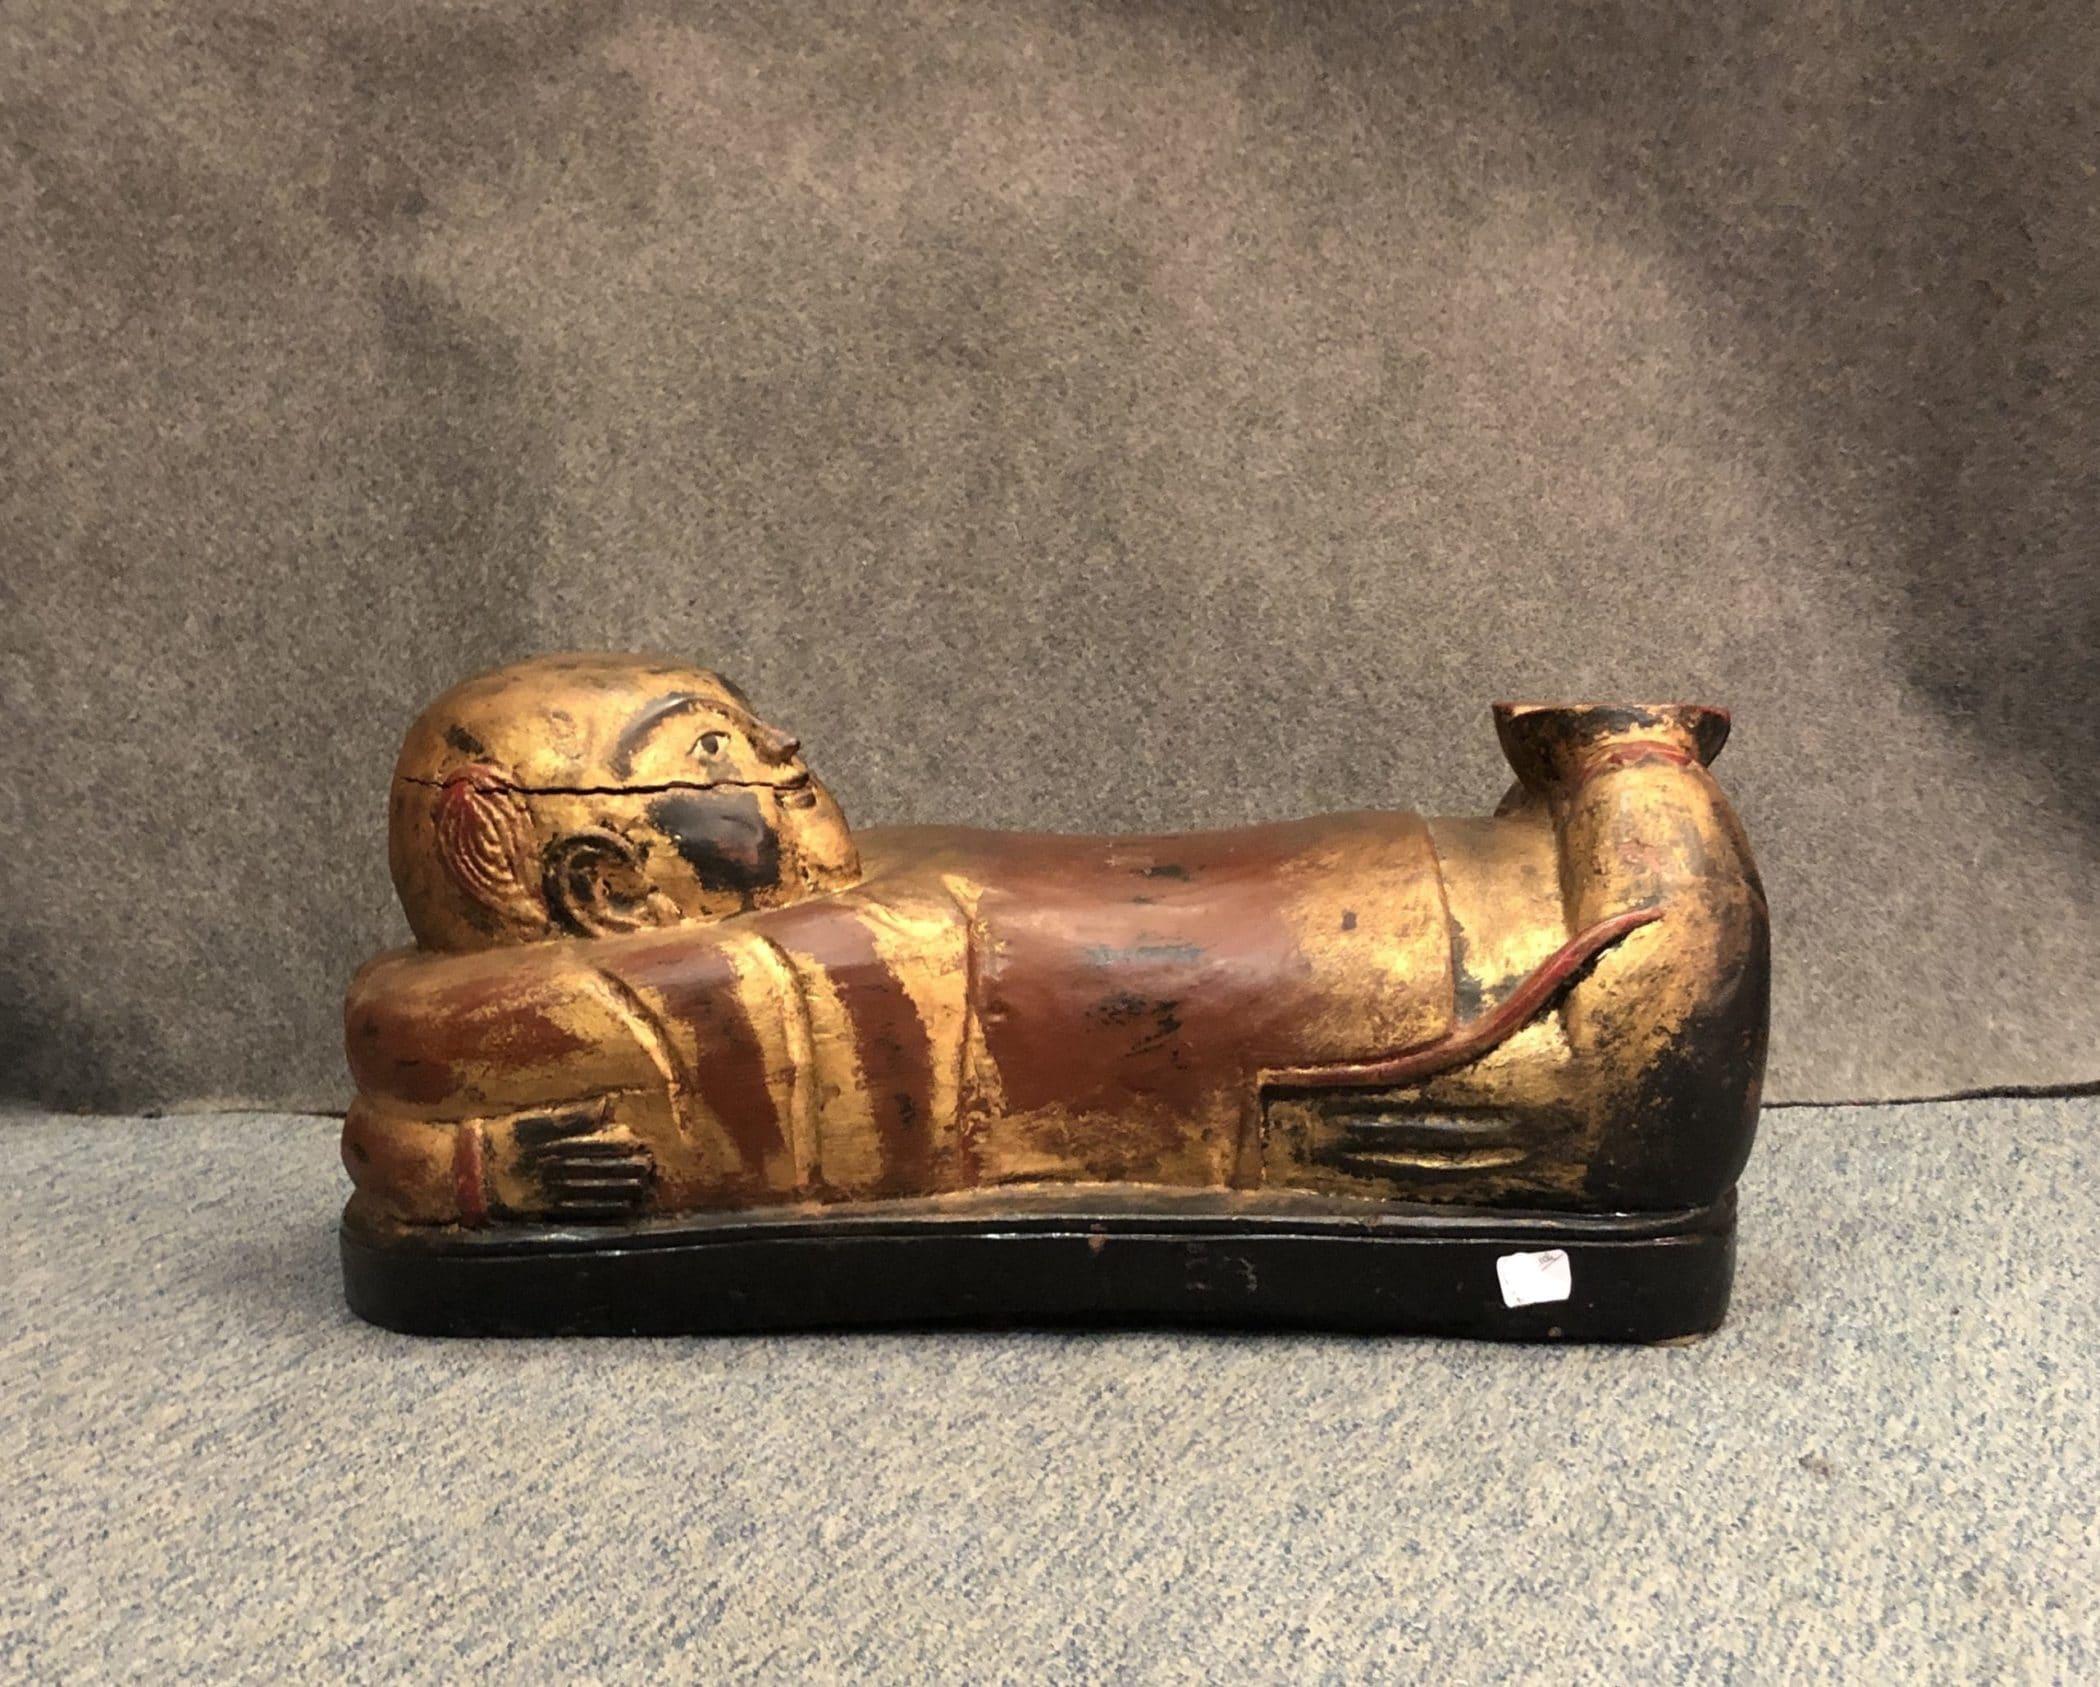 Coussin chinois en bois doré et peint. Fin XIXe siècle.